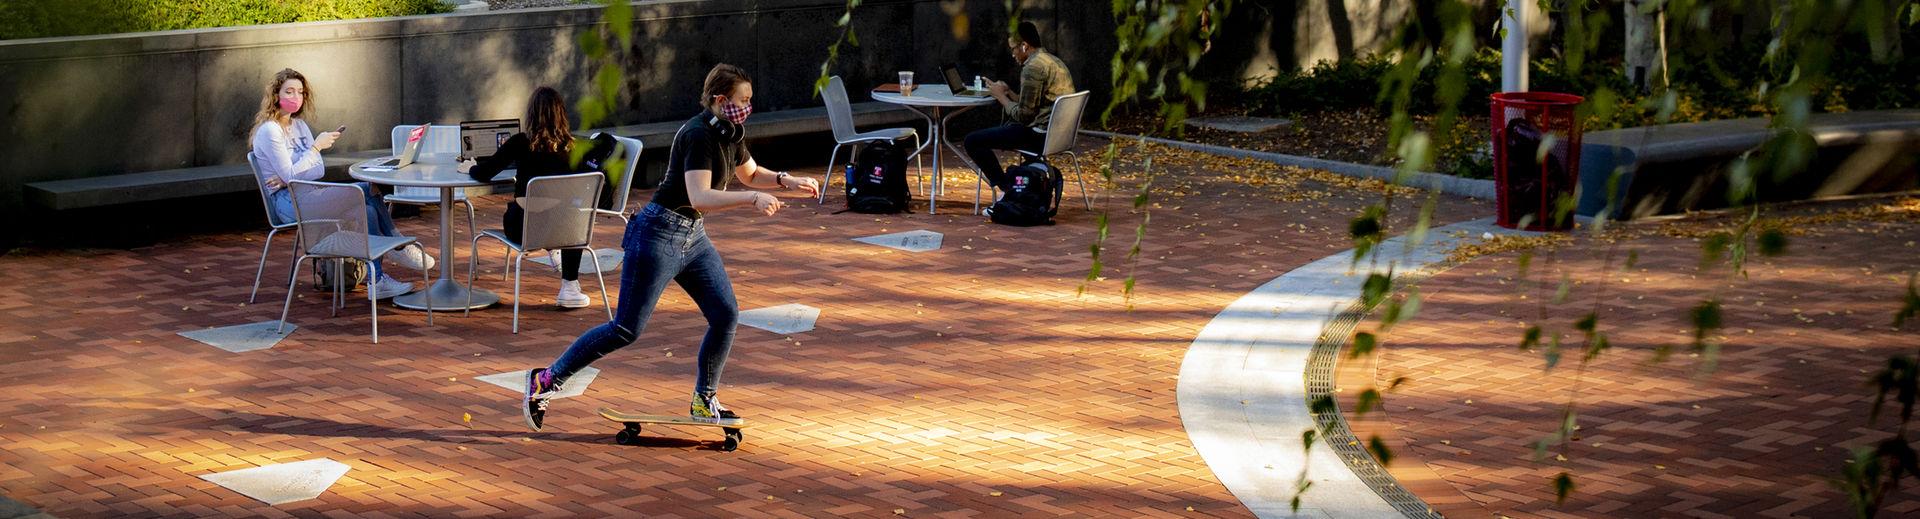 Students in Founders garden